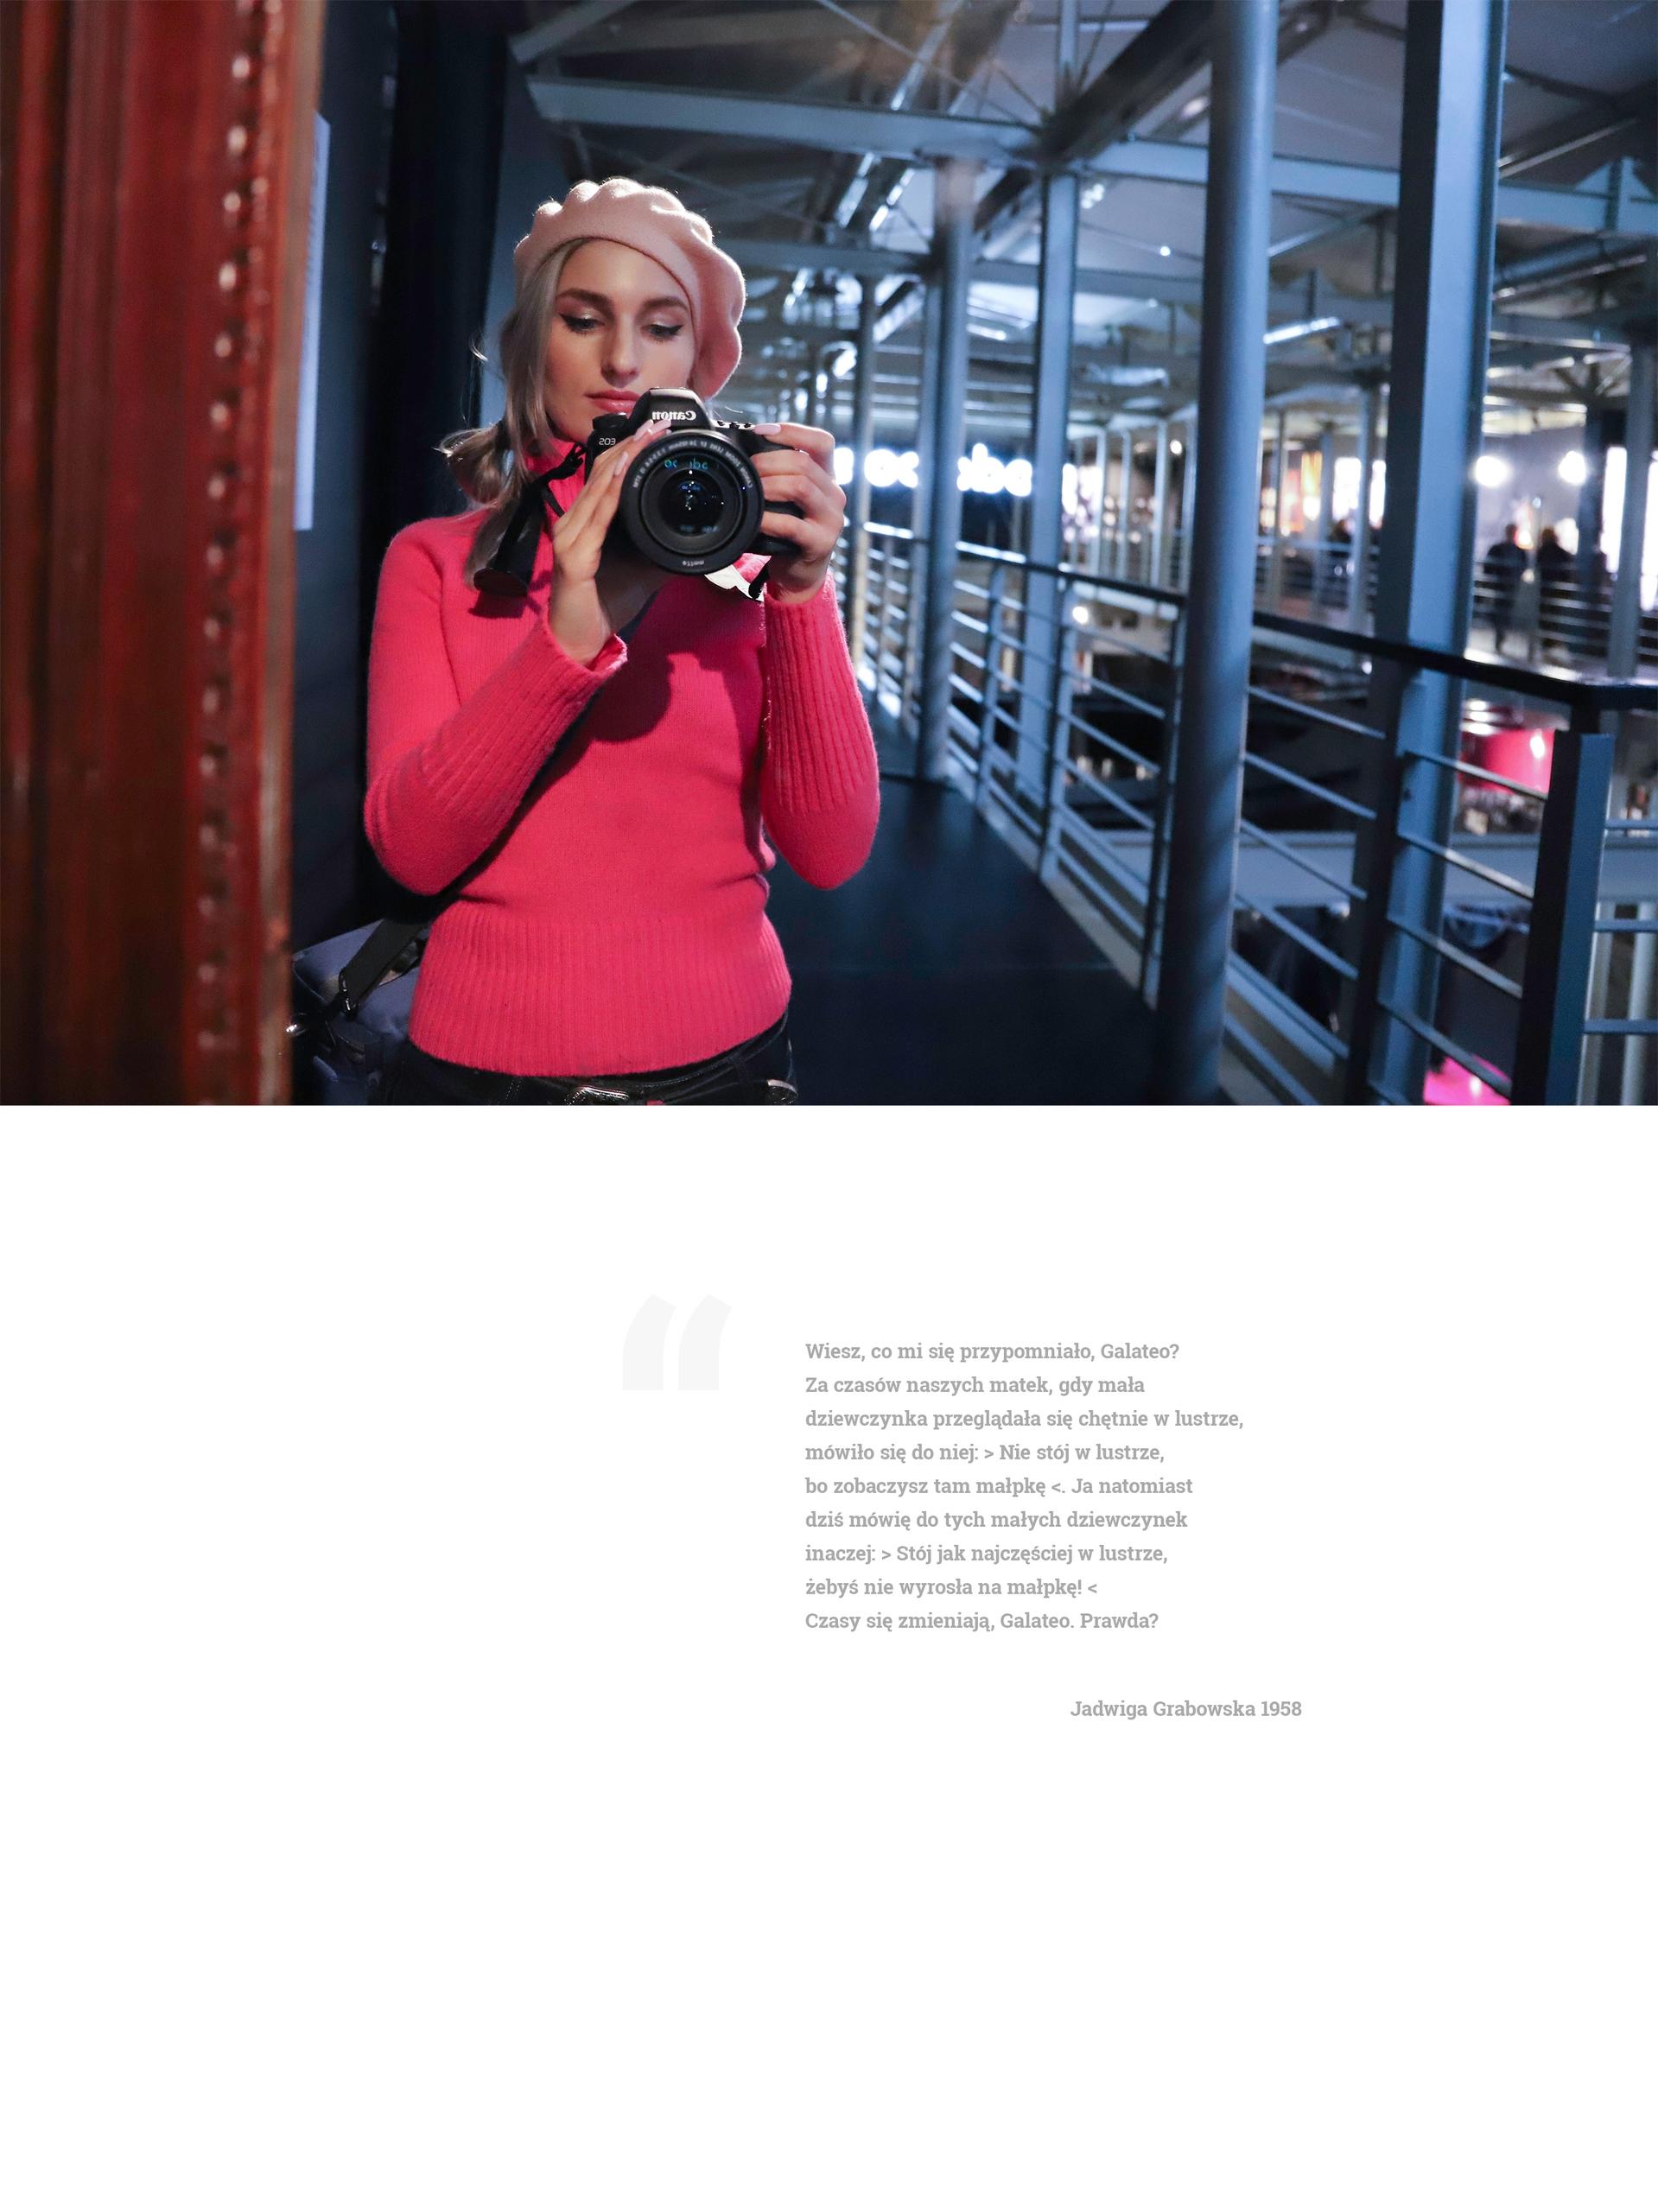 Obraz przedstawia zdjęcie kobiety w berecie i różowym swetrze, która robi sobie zdjęcie w lustrze. Pod zdjęciem znajduje się opis.